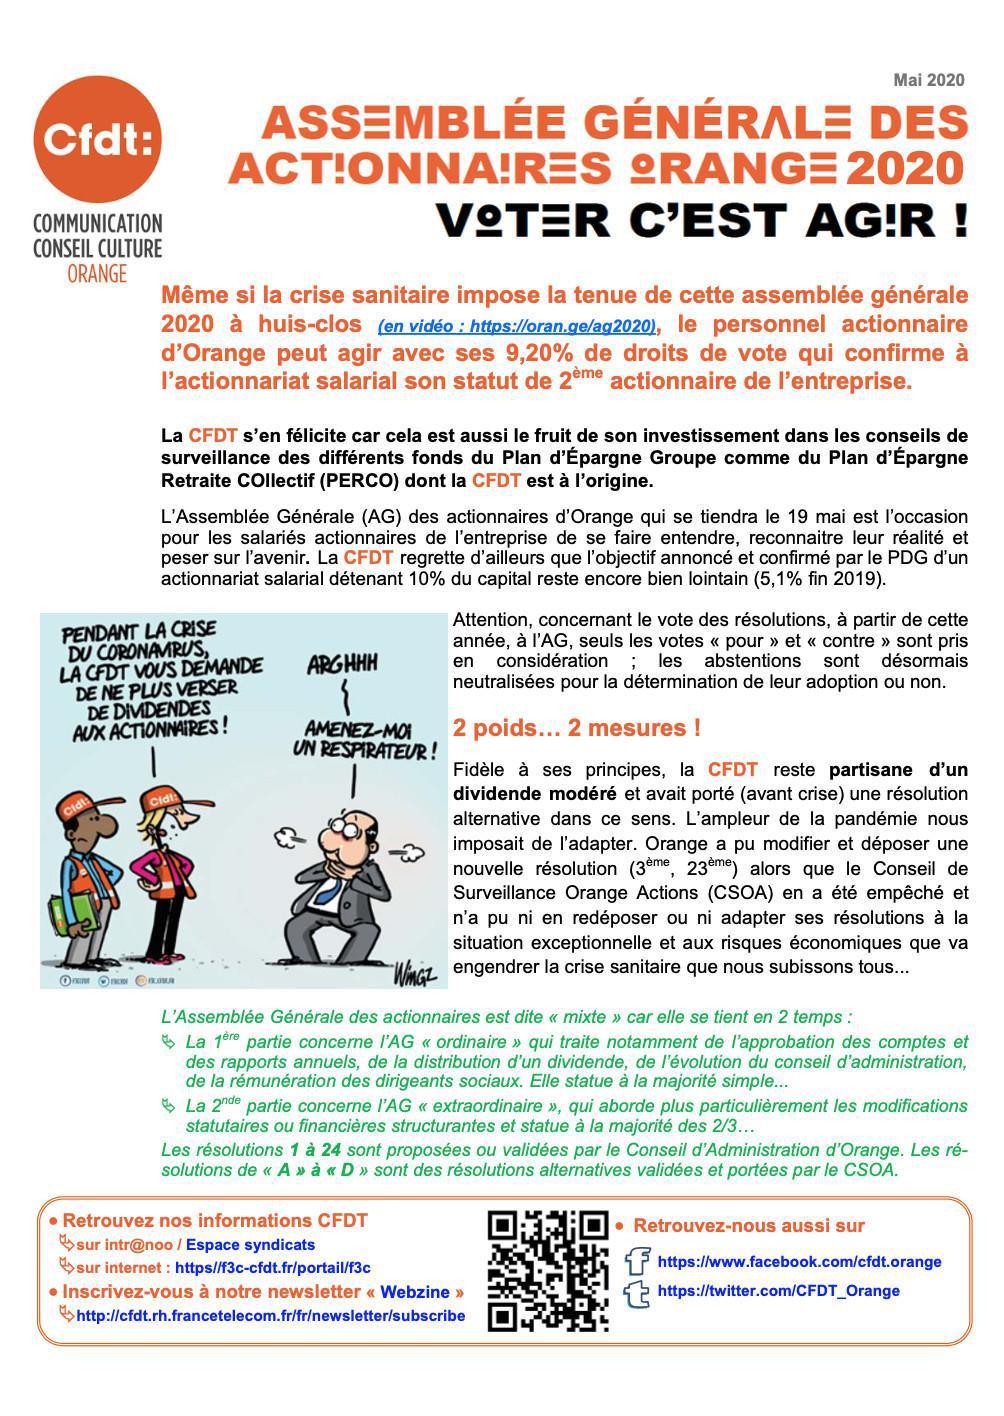 Assemblée générale des actionnaires - Voter c'est agir ! -Mai 2020